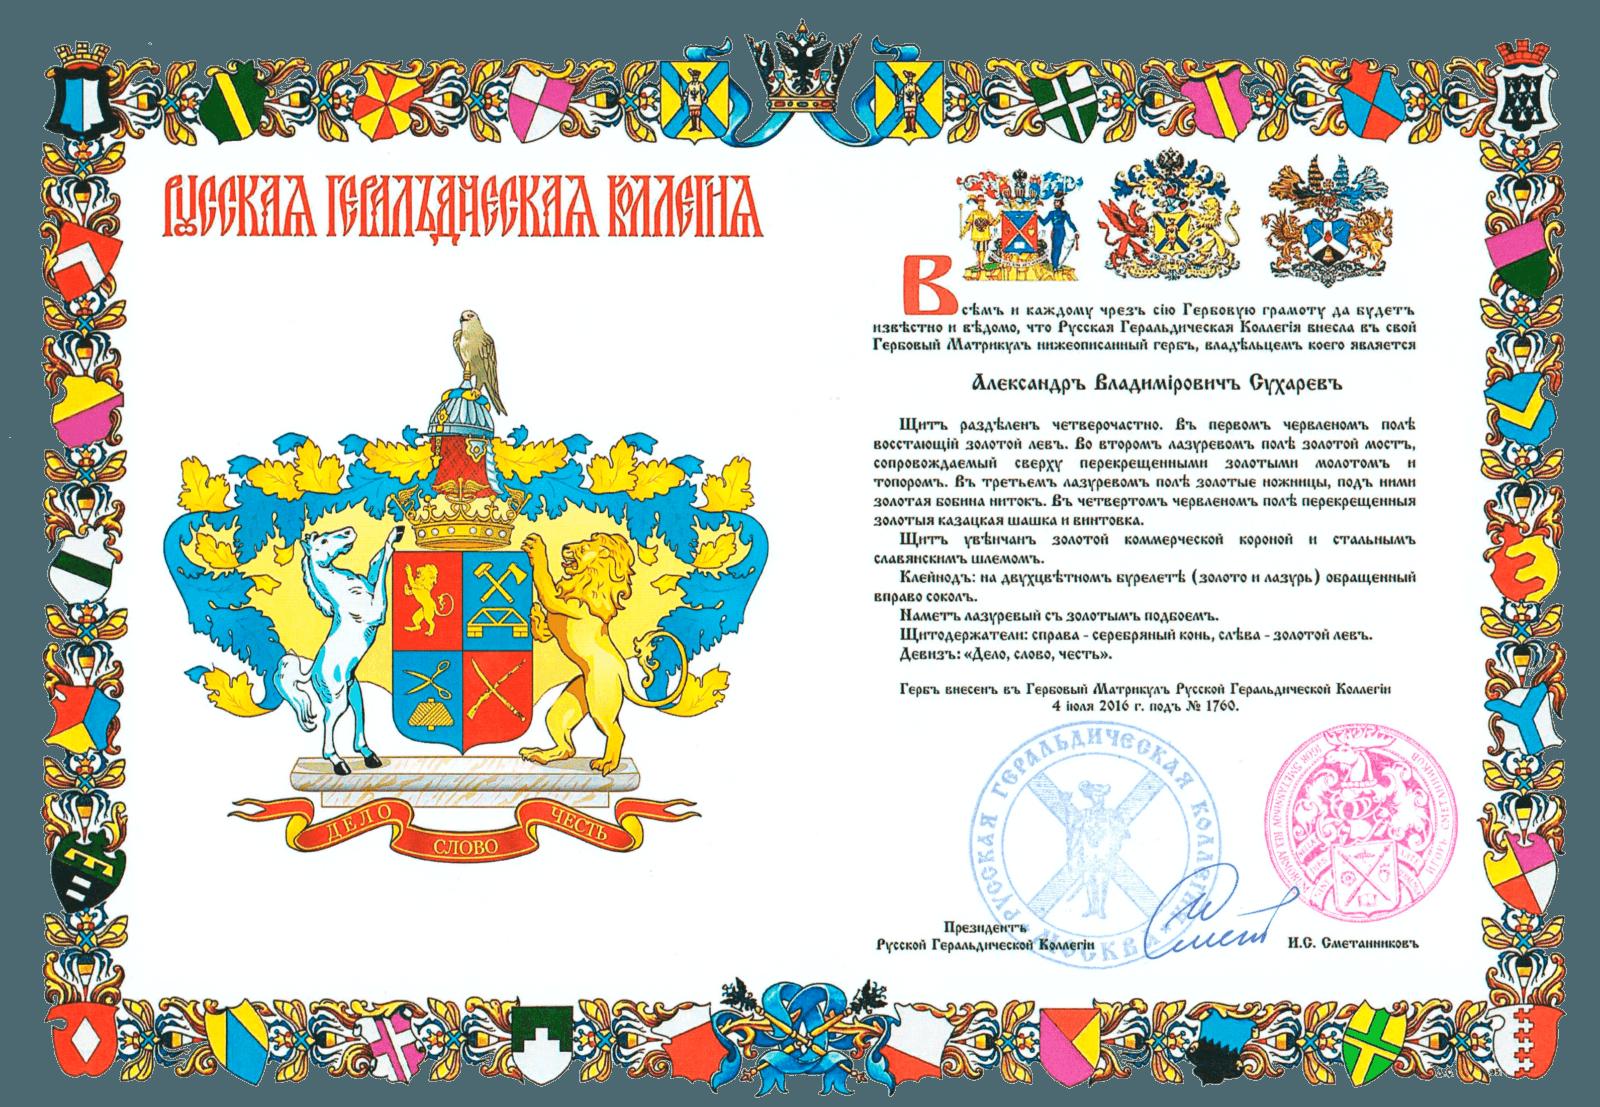 Александр Владимирович Сухарев